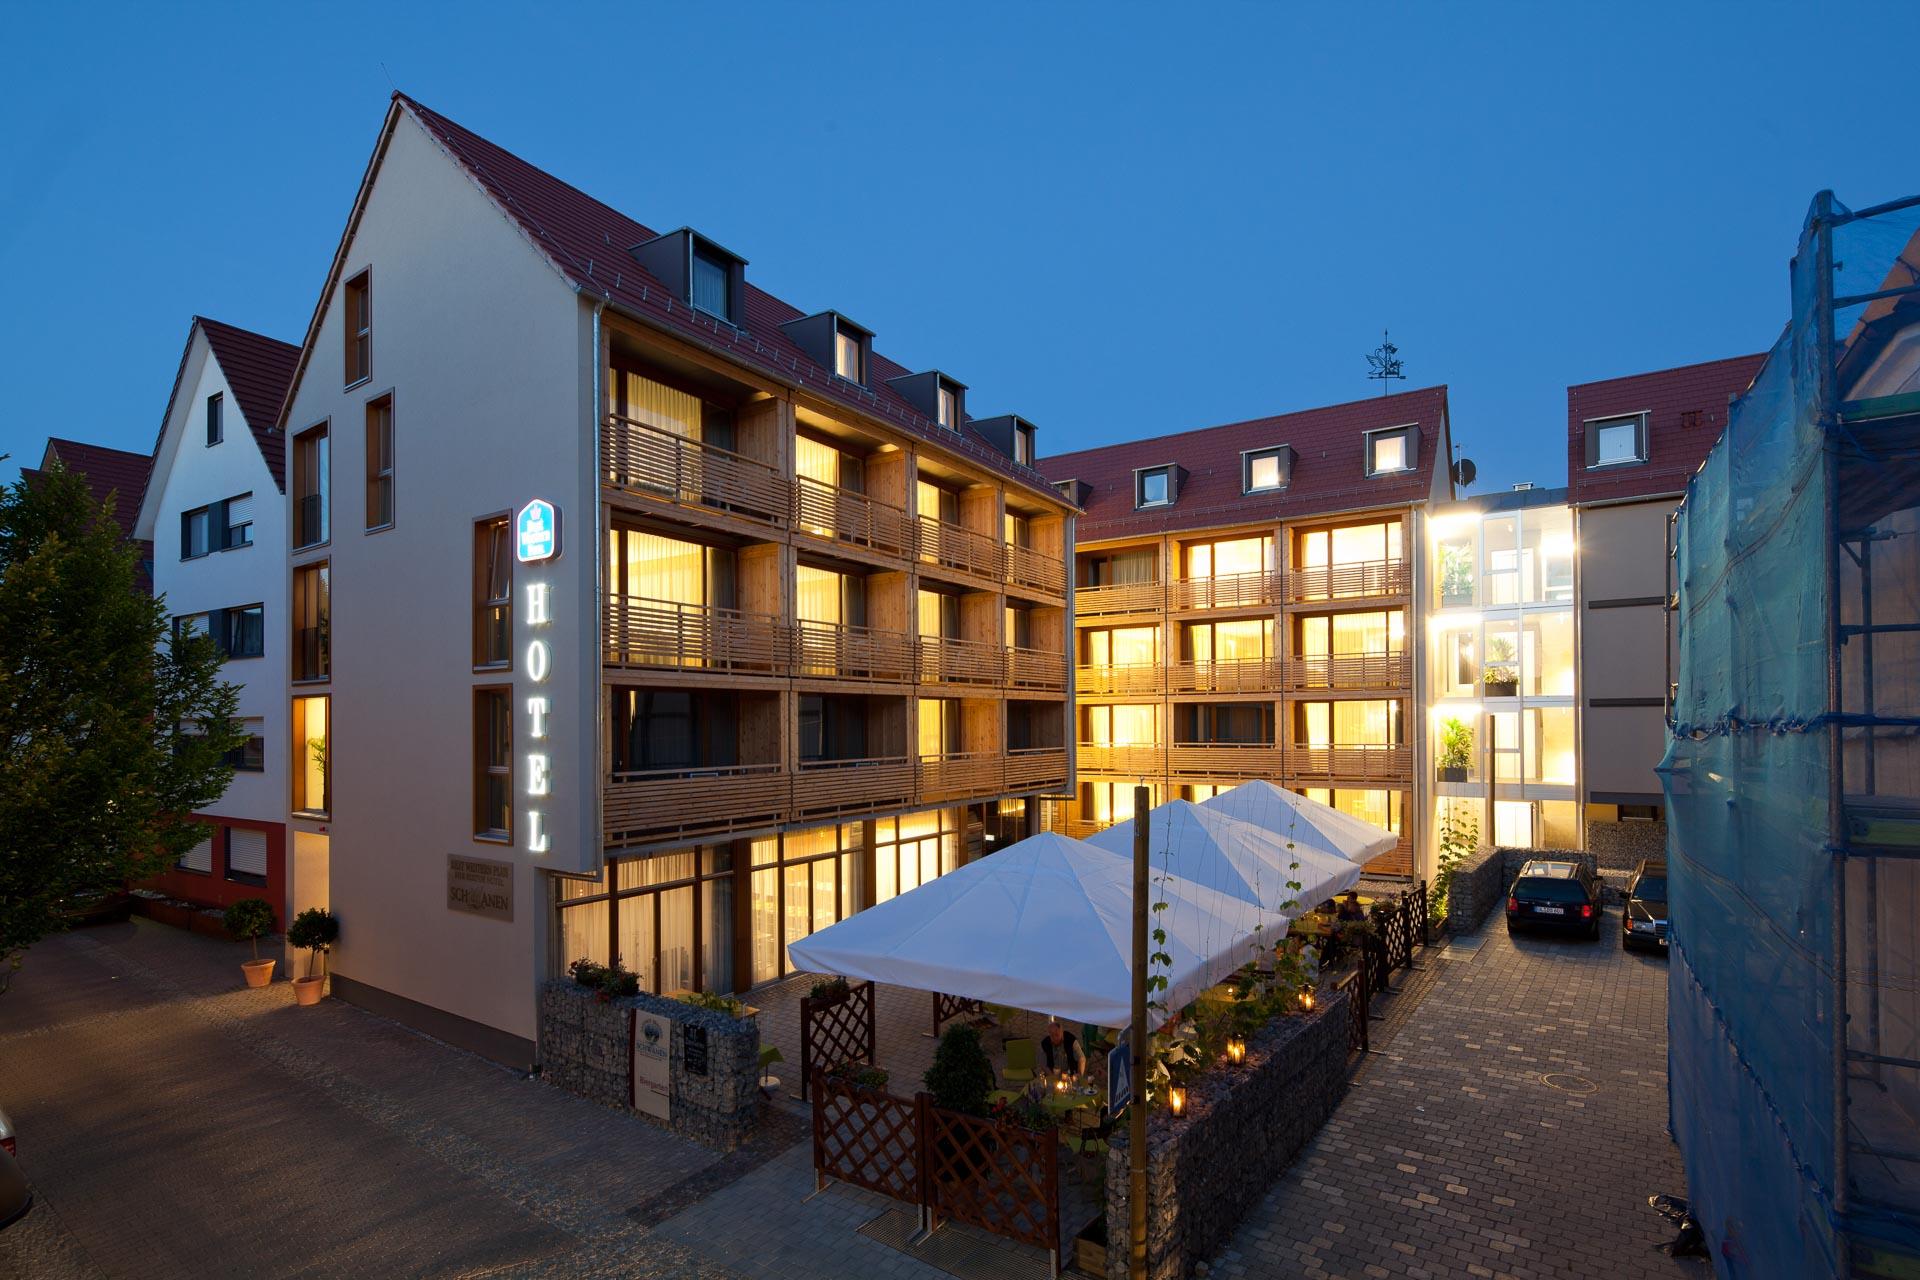 Hotelfotografie Schwanen Ehningen Süddeutschland Hotelfotografie: Schwanen in Ehningen an der Donau. Architekt: www.schwille-architekten.de